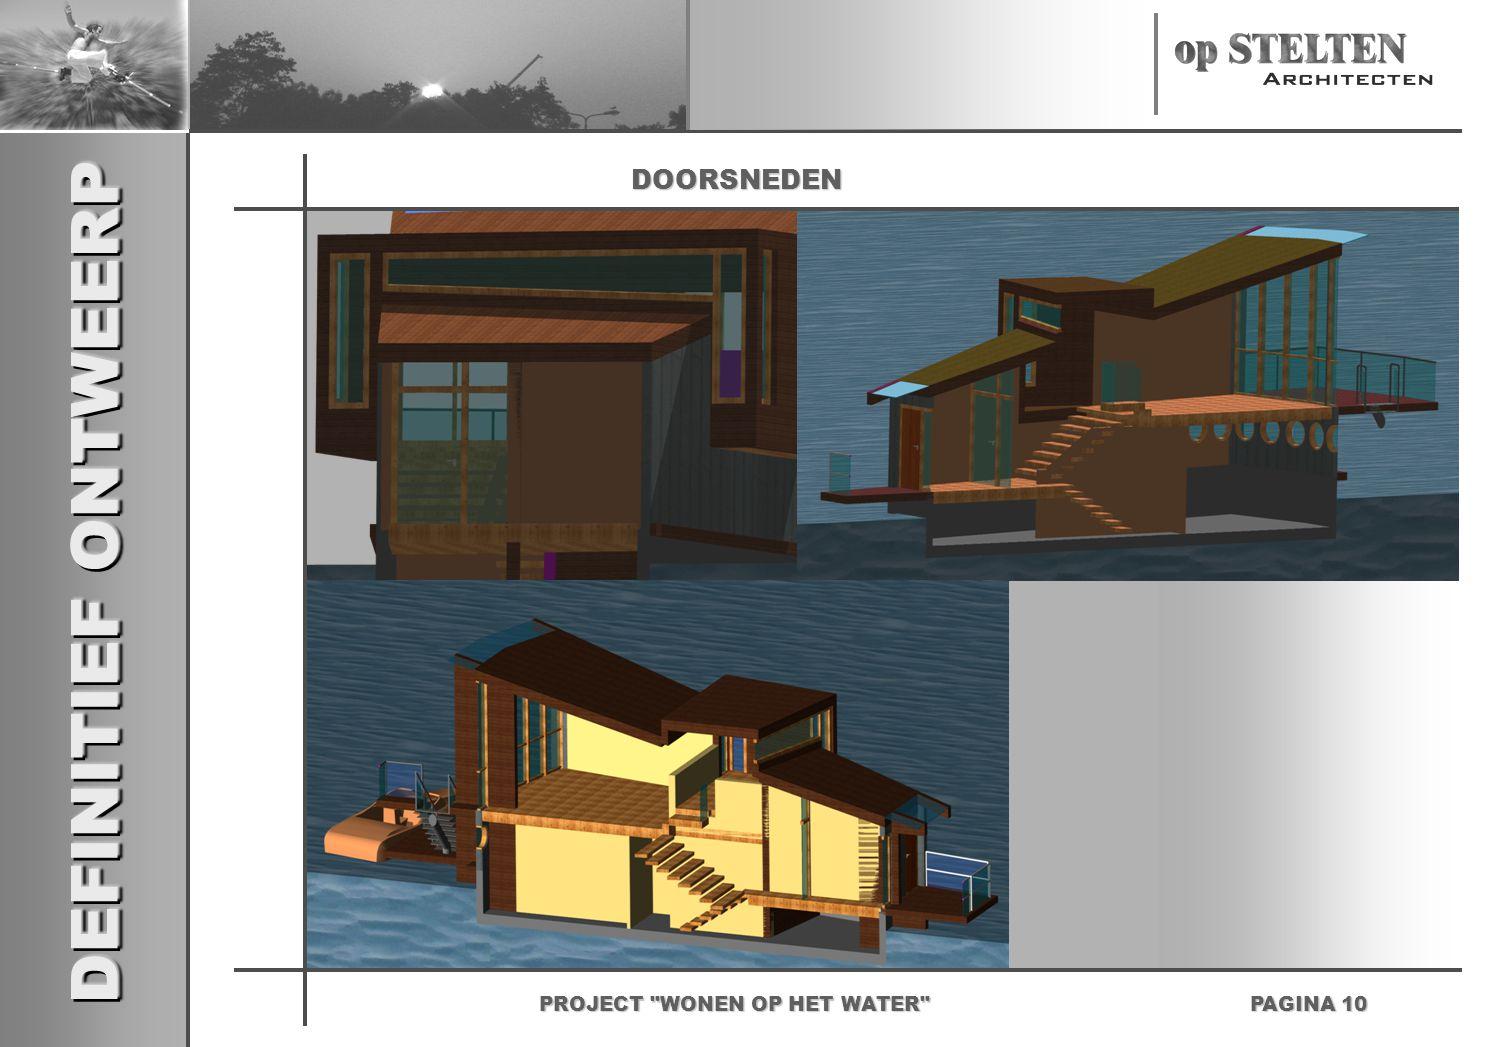 DEFINITIEF ONTWEERP PAGINA 10 PROJECT WONEN OP HET WATER DOORSNEDEN